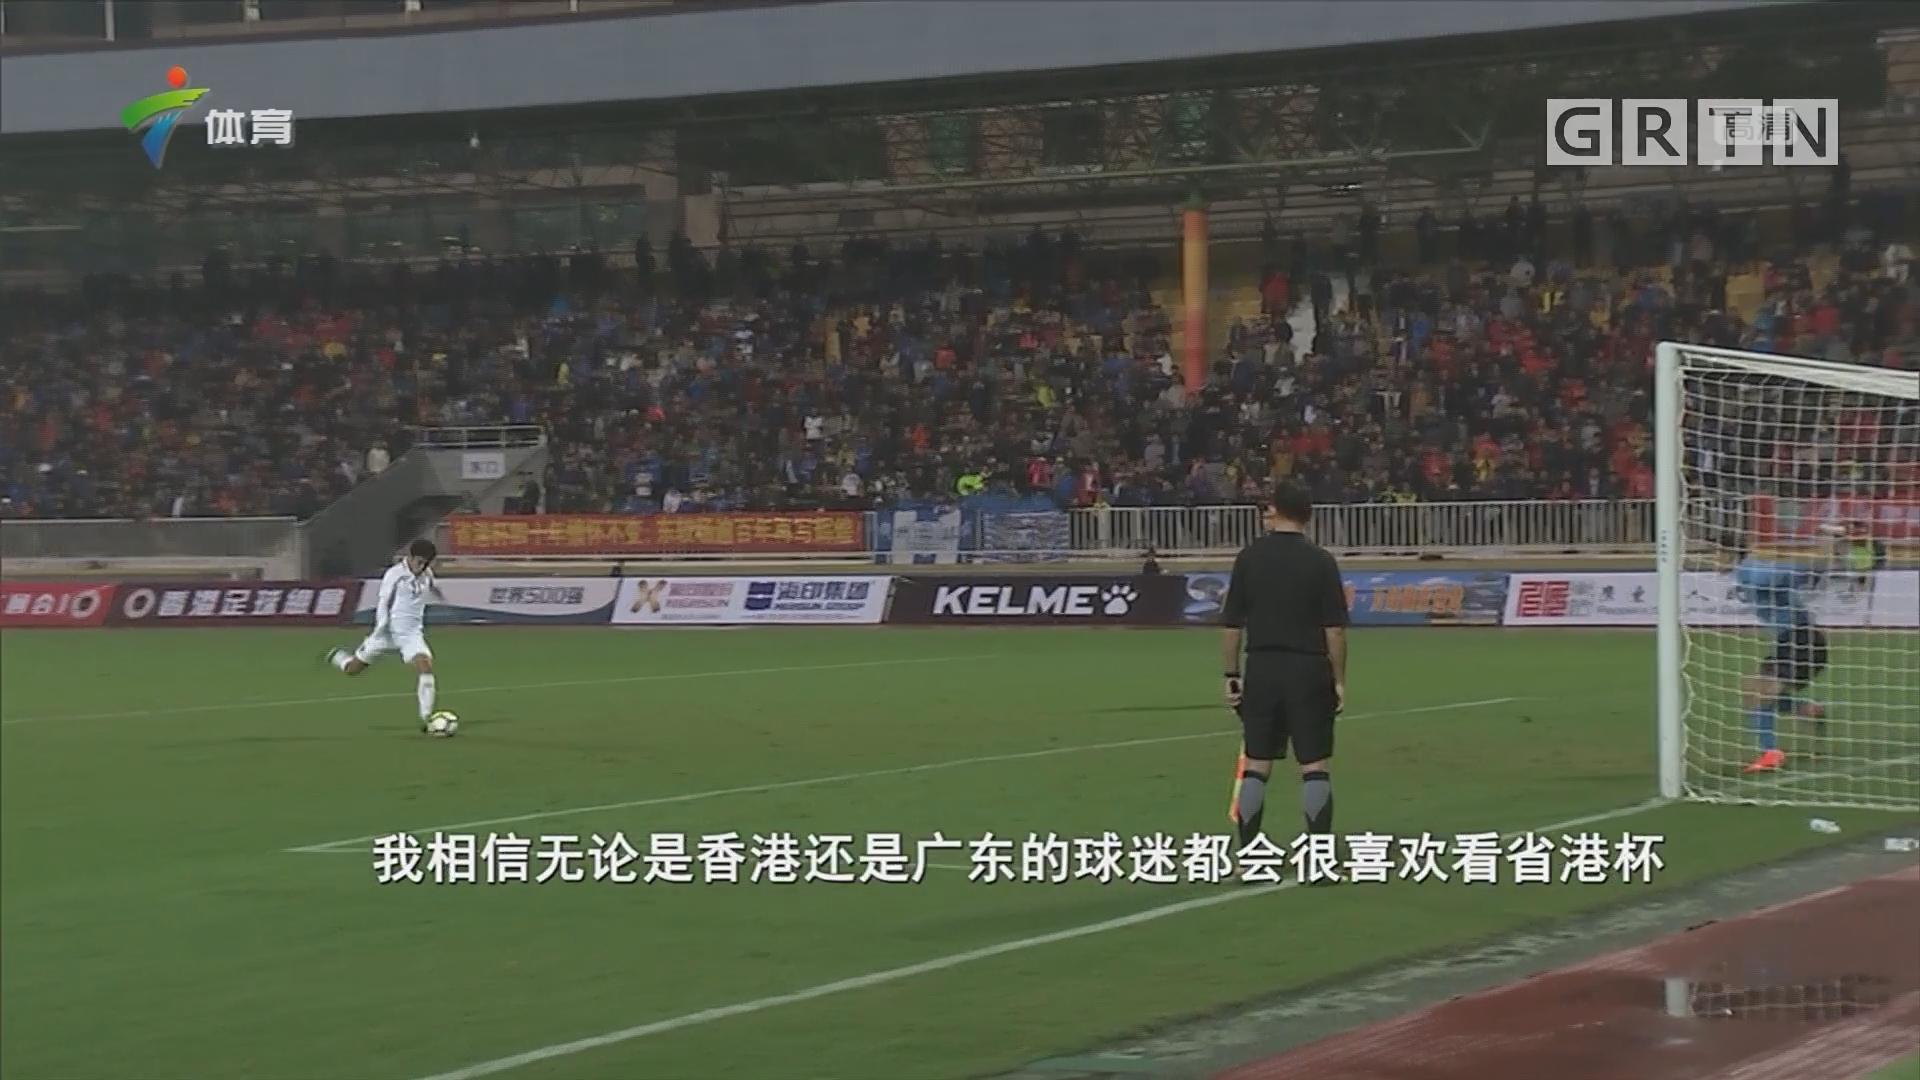 错失五连冠 广东队陪感失望